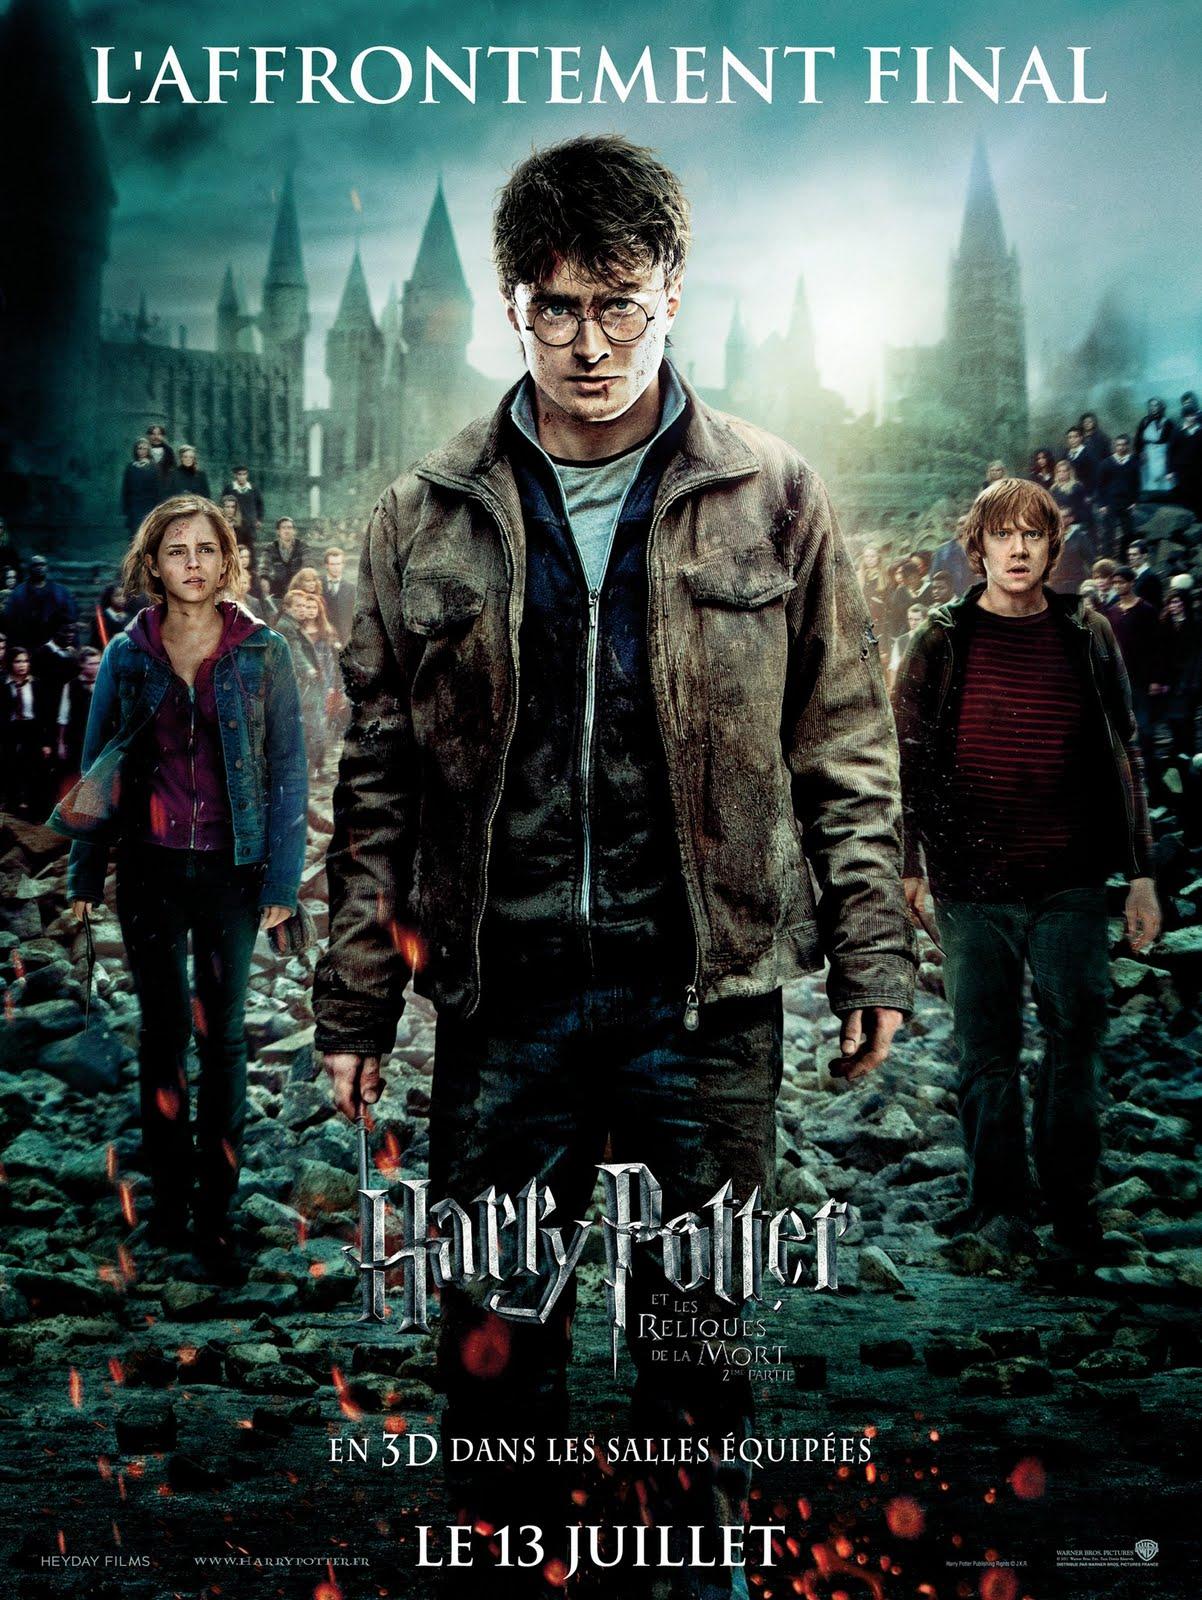 http://3.bp.blogspot.com/-W_5IbvtG99I/TgIf3t7w2AI/AAAAAAAAAJI/NfoizabnZSs/s1600/Harry-Potter-7.2-Affiche-Finale-France.jpg